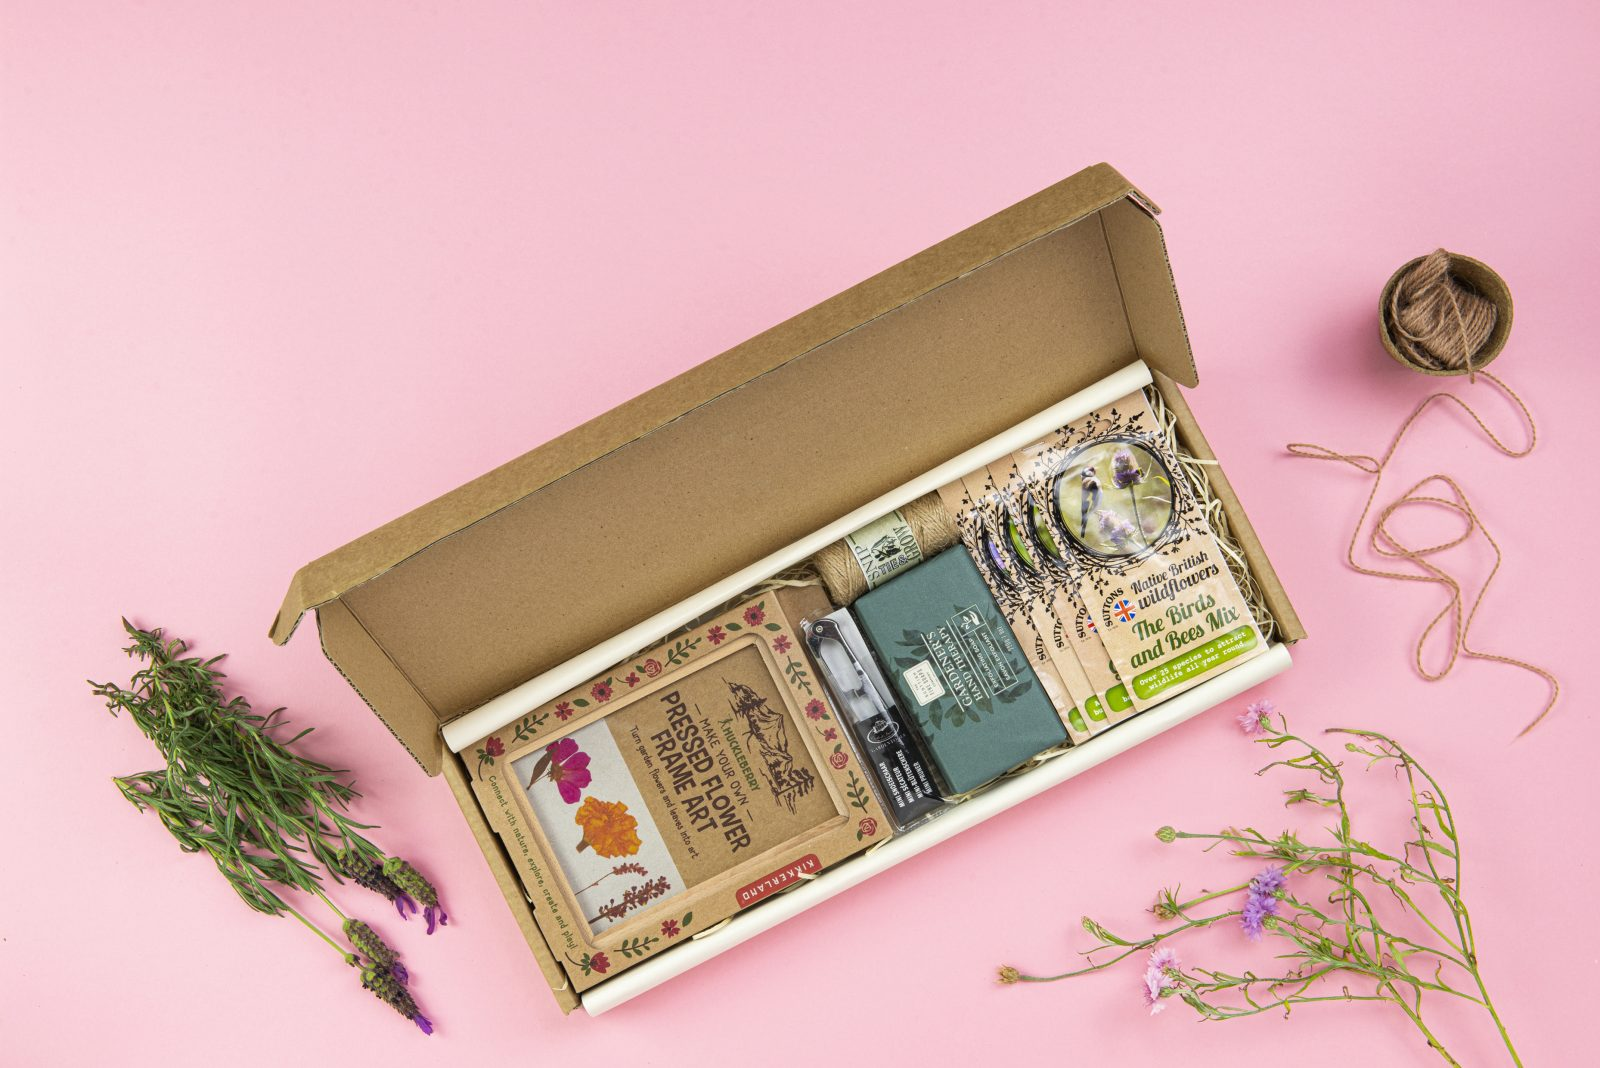 sutton seeds gift set